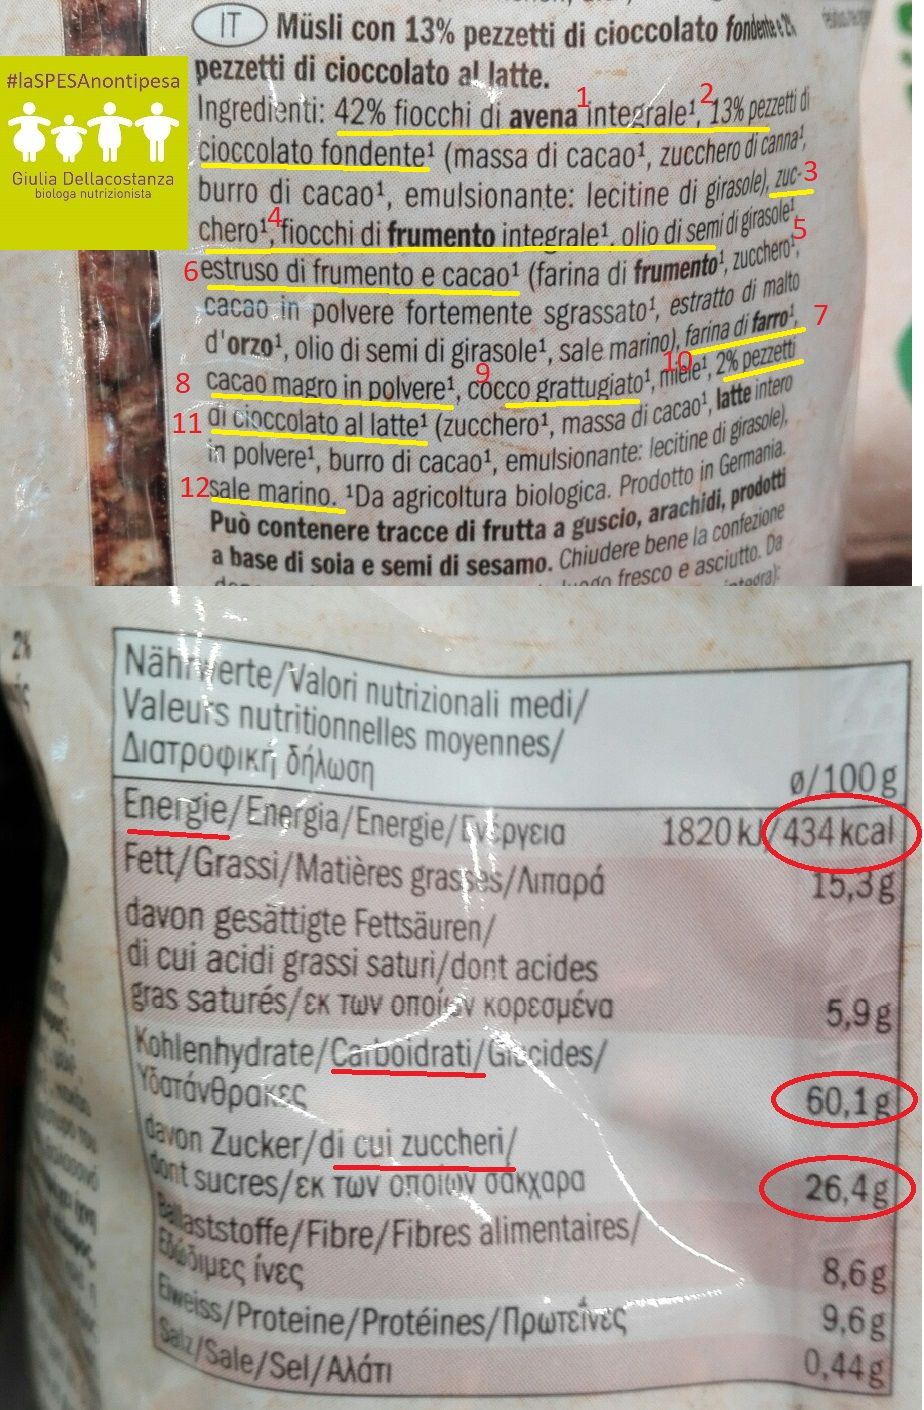 Etichetta crunchy biologico al cioccolato.